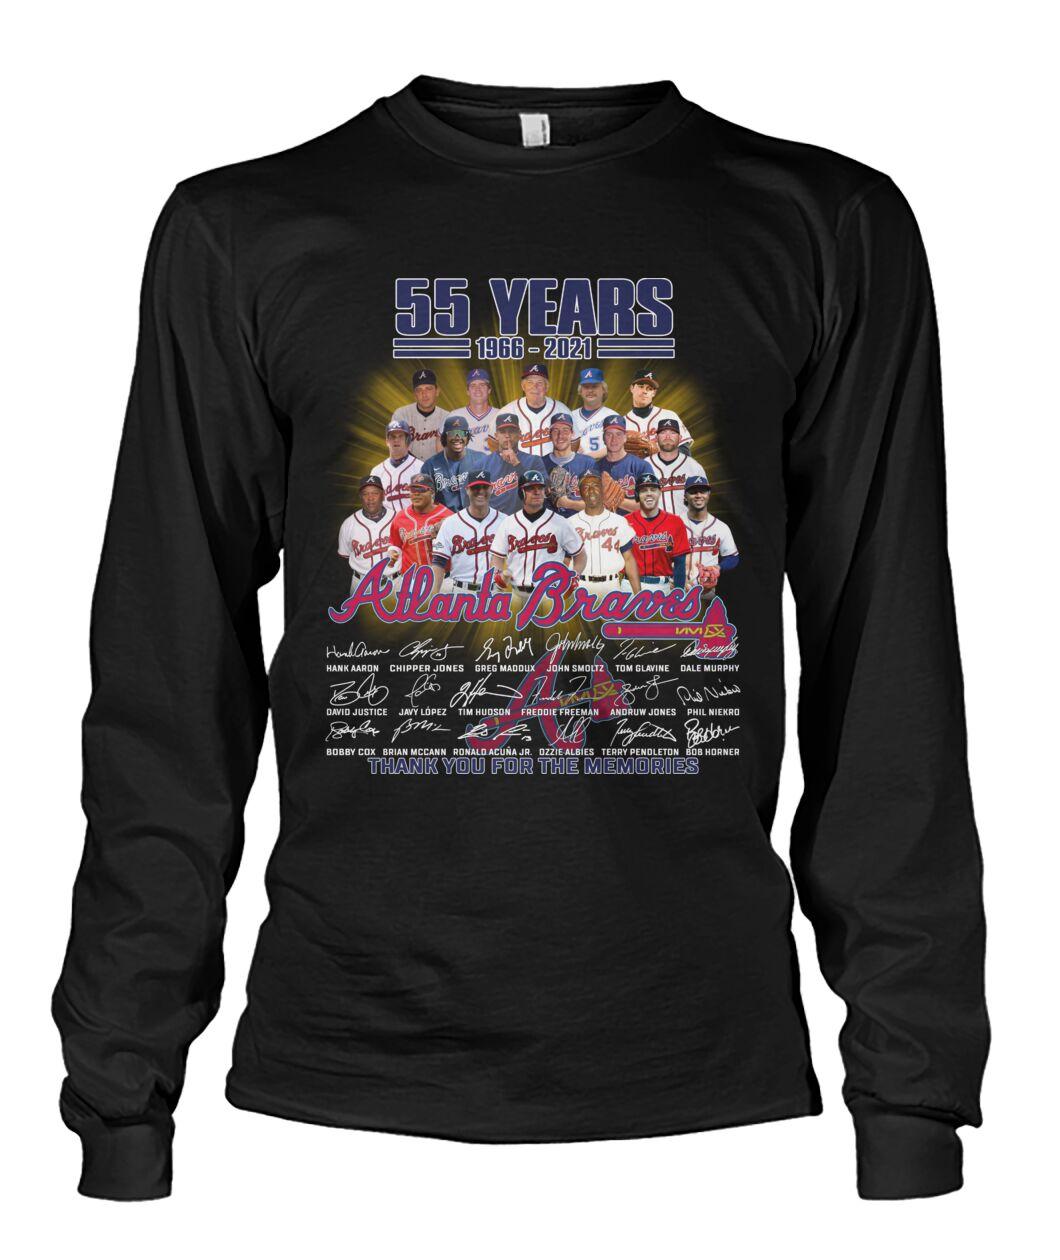 55 years Atlanta Braves Baseball Team 2021 t shirt 2D